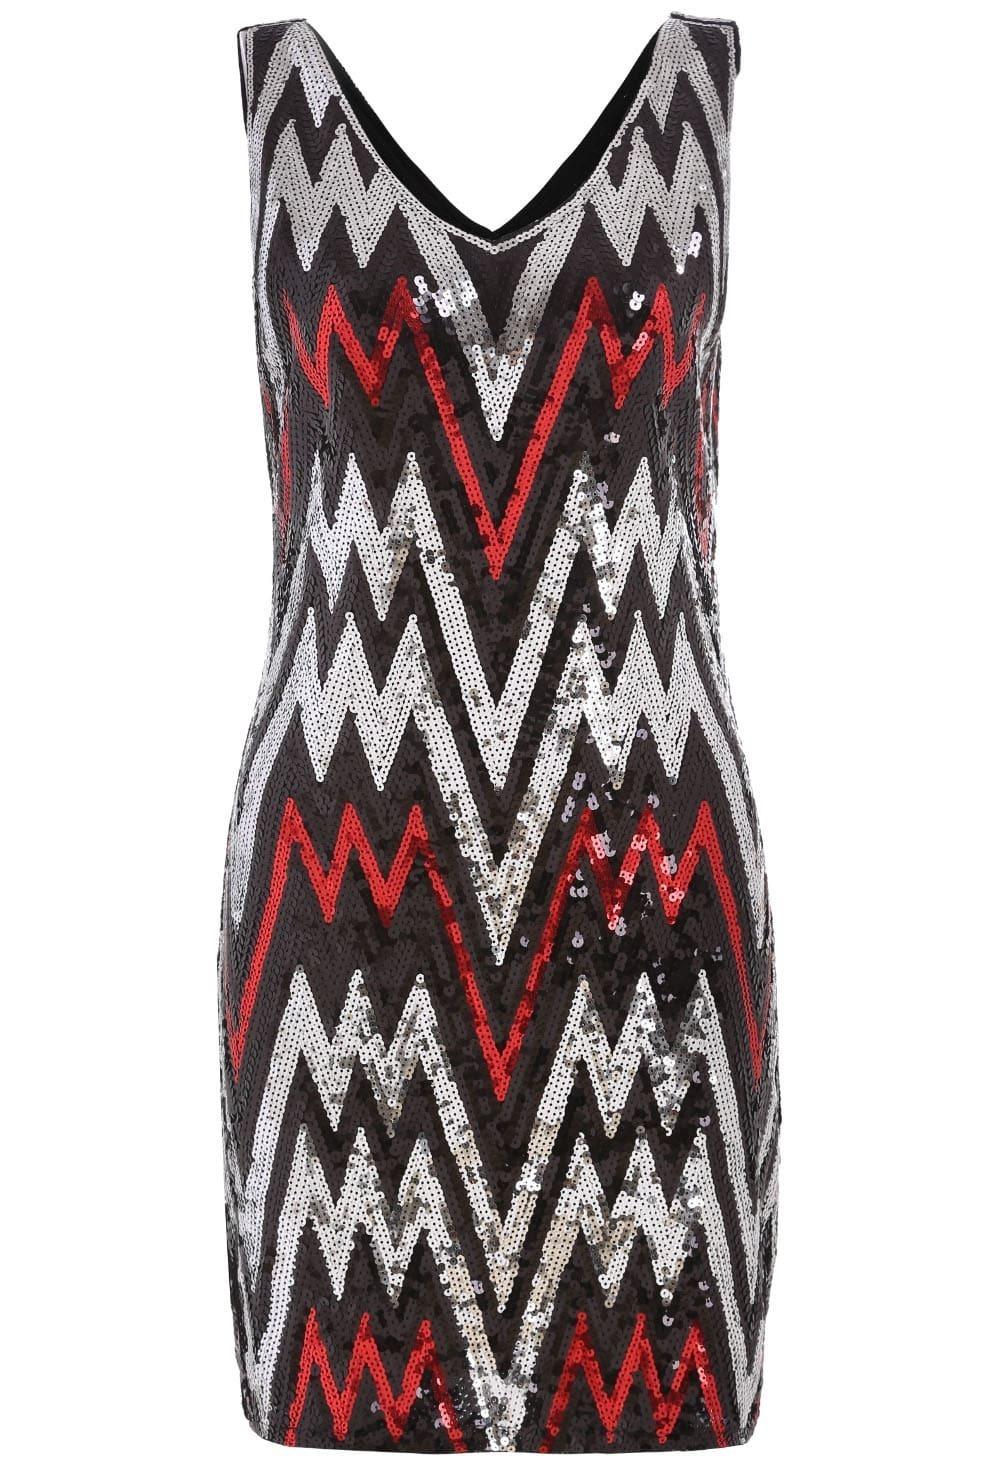 Vestido pico lentejuelas tubo rojo spanish romwe for Tubo corrugado rojo precio